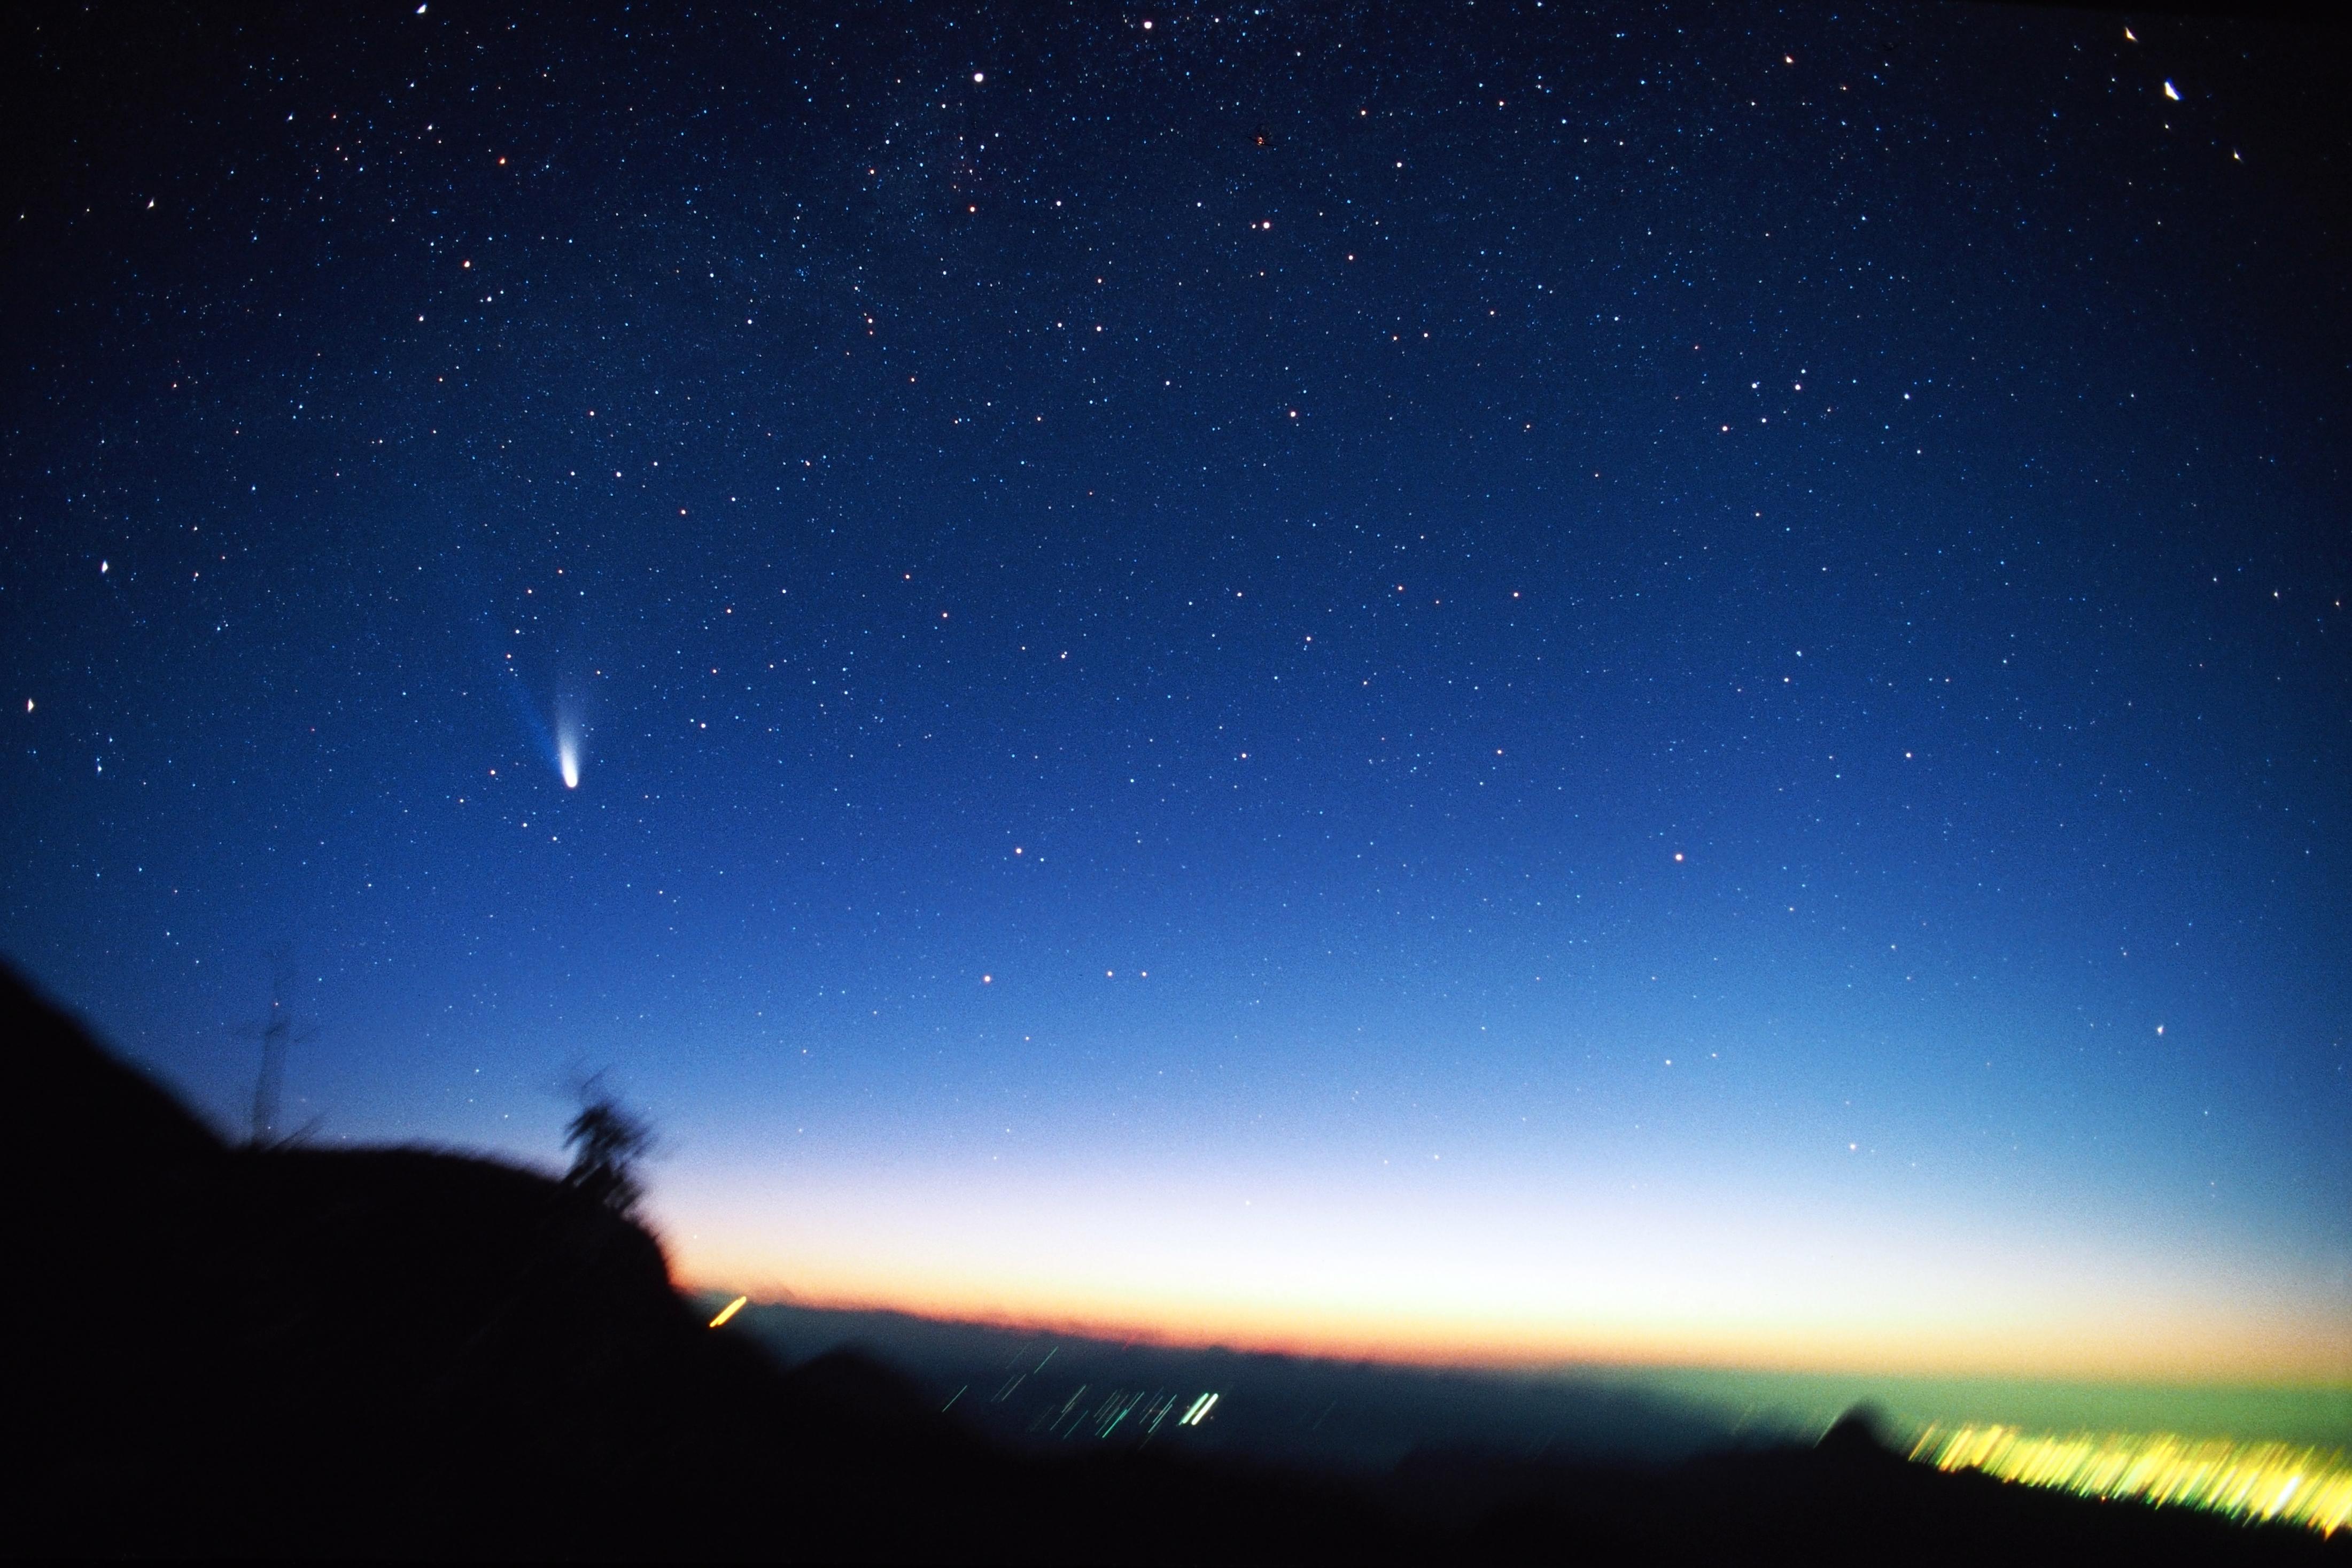 """<b class="""""""">朝焼けに輝くヘール・ボップ彗星</b><br class="""""""">フィルムでは、露出の見極めが非常に難しい(ほとんどカンです)朝焼けの撮影でしたが、デジタルカメラでは撮影後すぐに確認できるので、ずいぶんハードルが下がりました。<br class="""""""">35mmフィルム(ISO100)で撮影 / 21mm F2レンズ使用"""